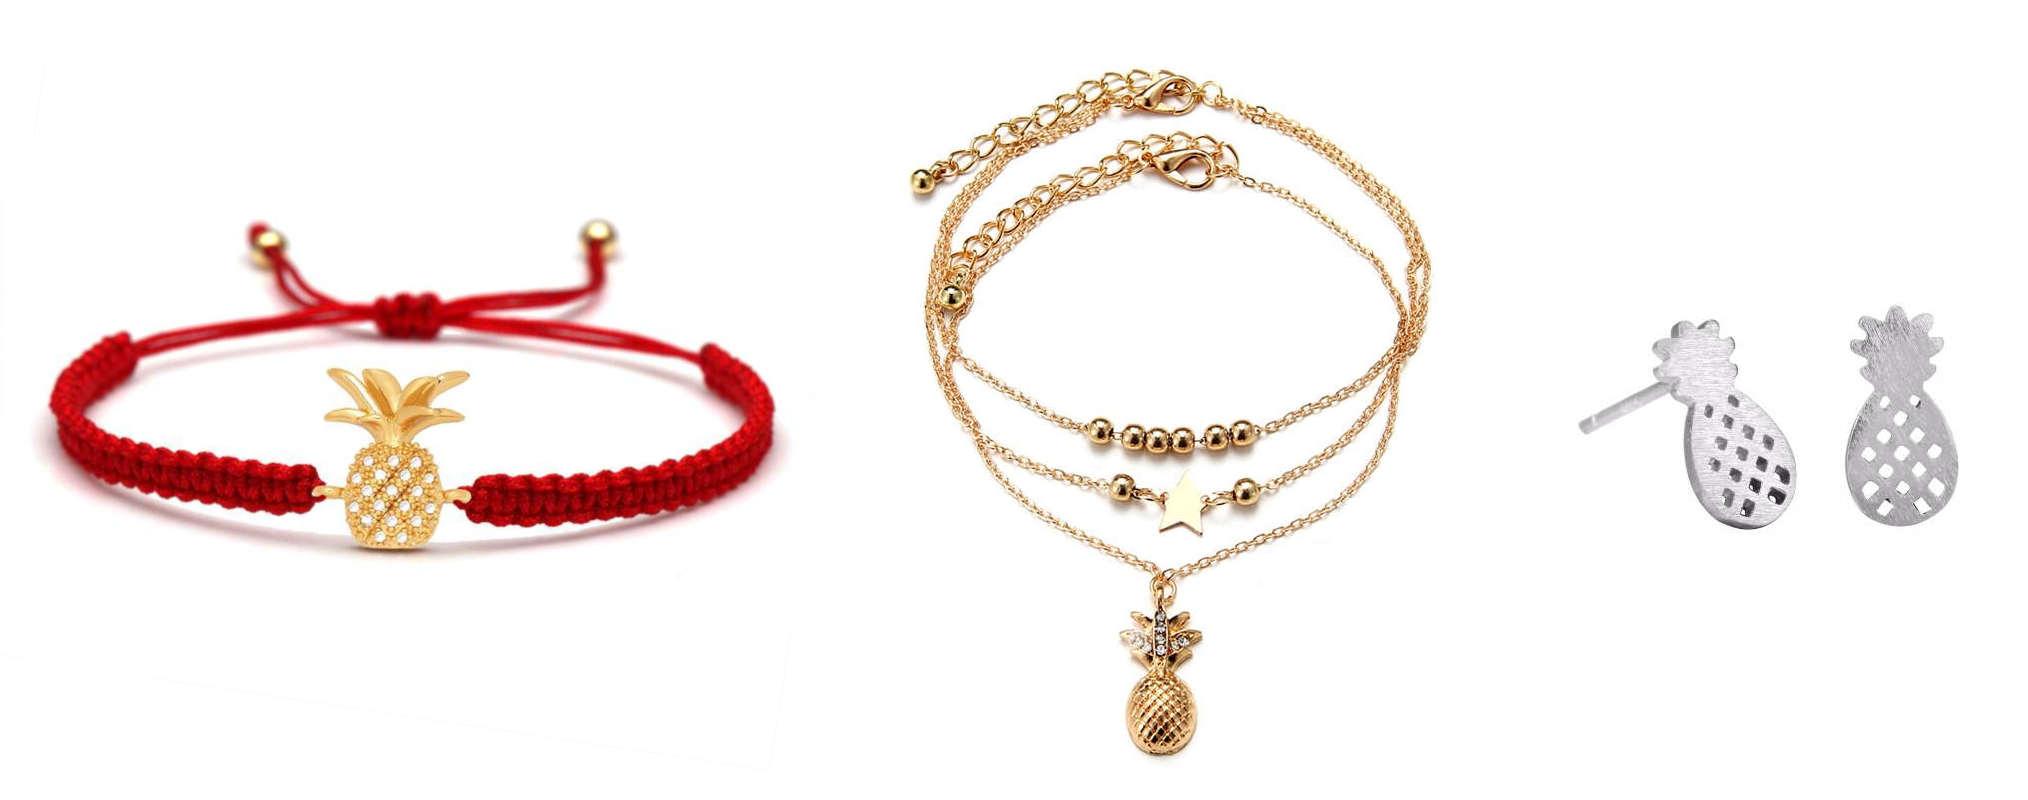 bijoux ananas avec bracelet cordon rouge, chaine de cheville et boucle d'oreilles